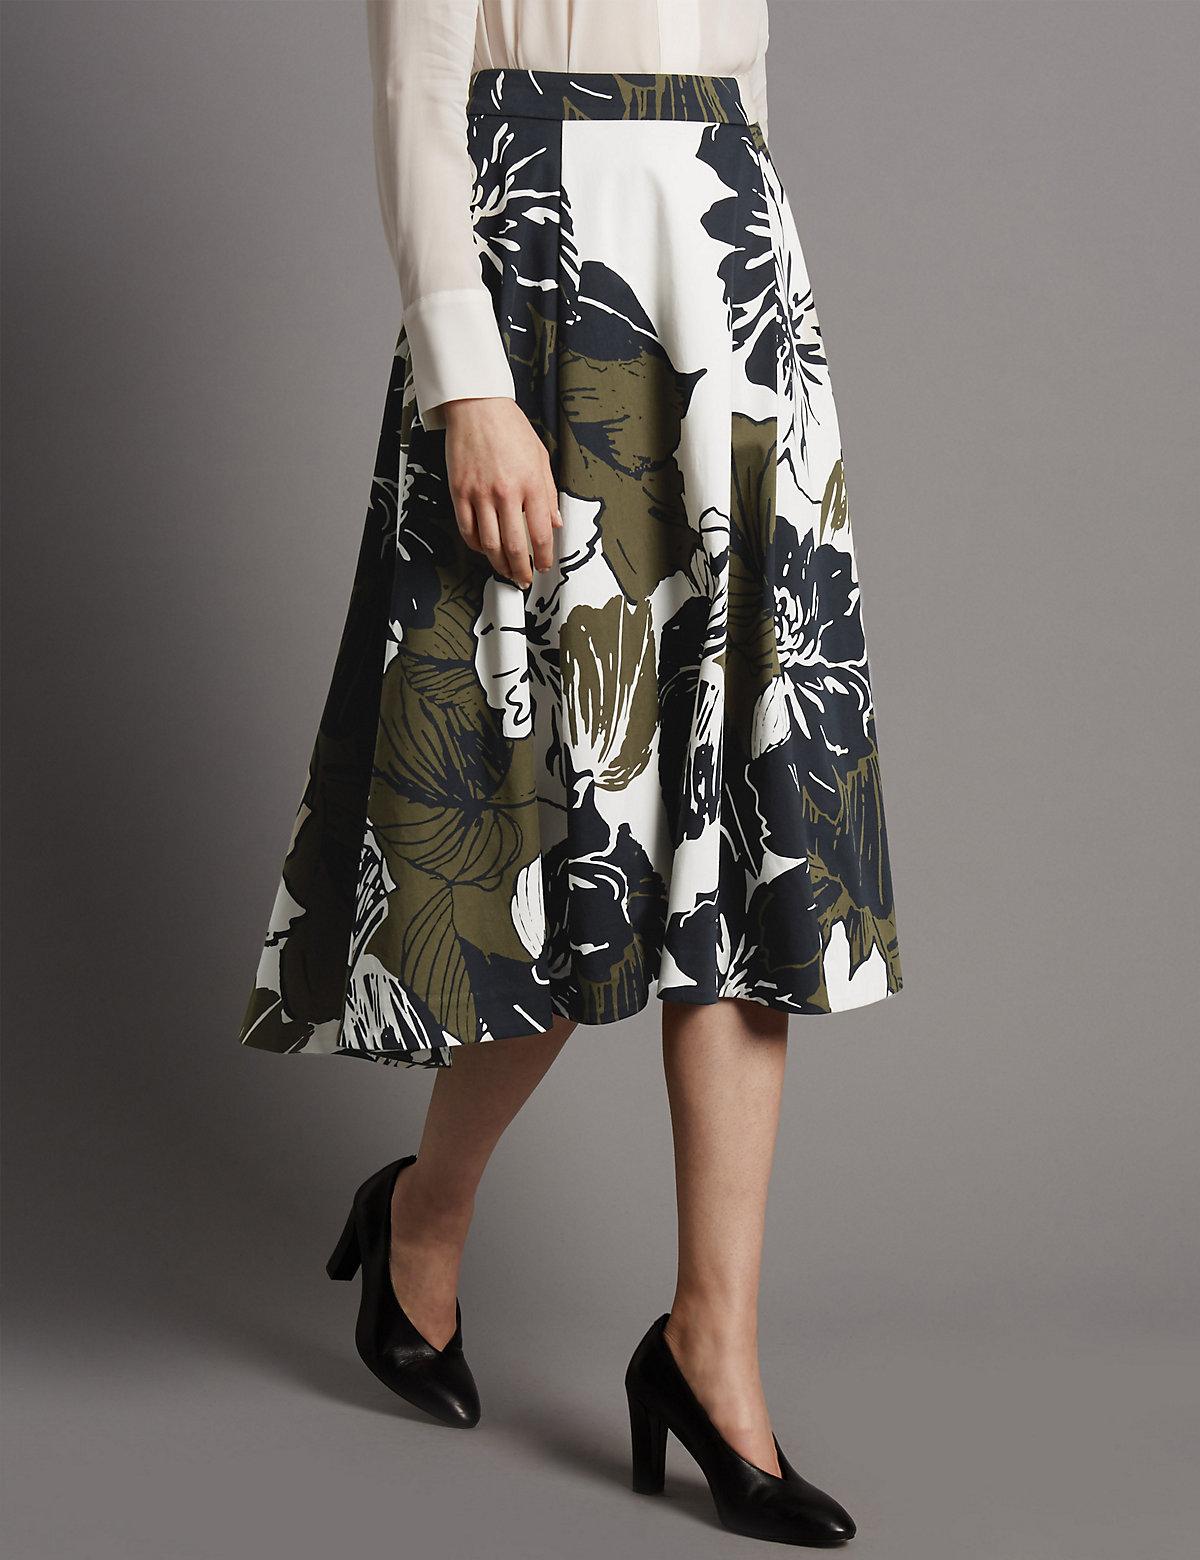 Autograph Floral Print A-Line Skirt